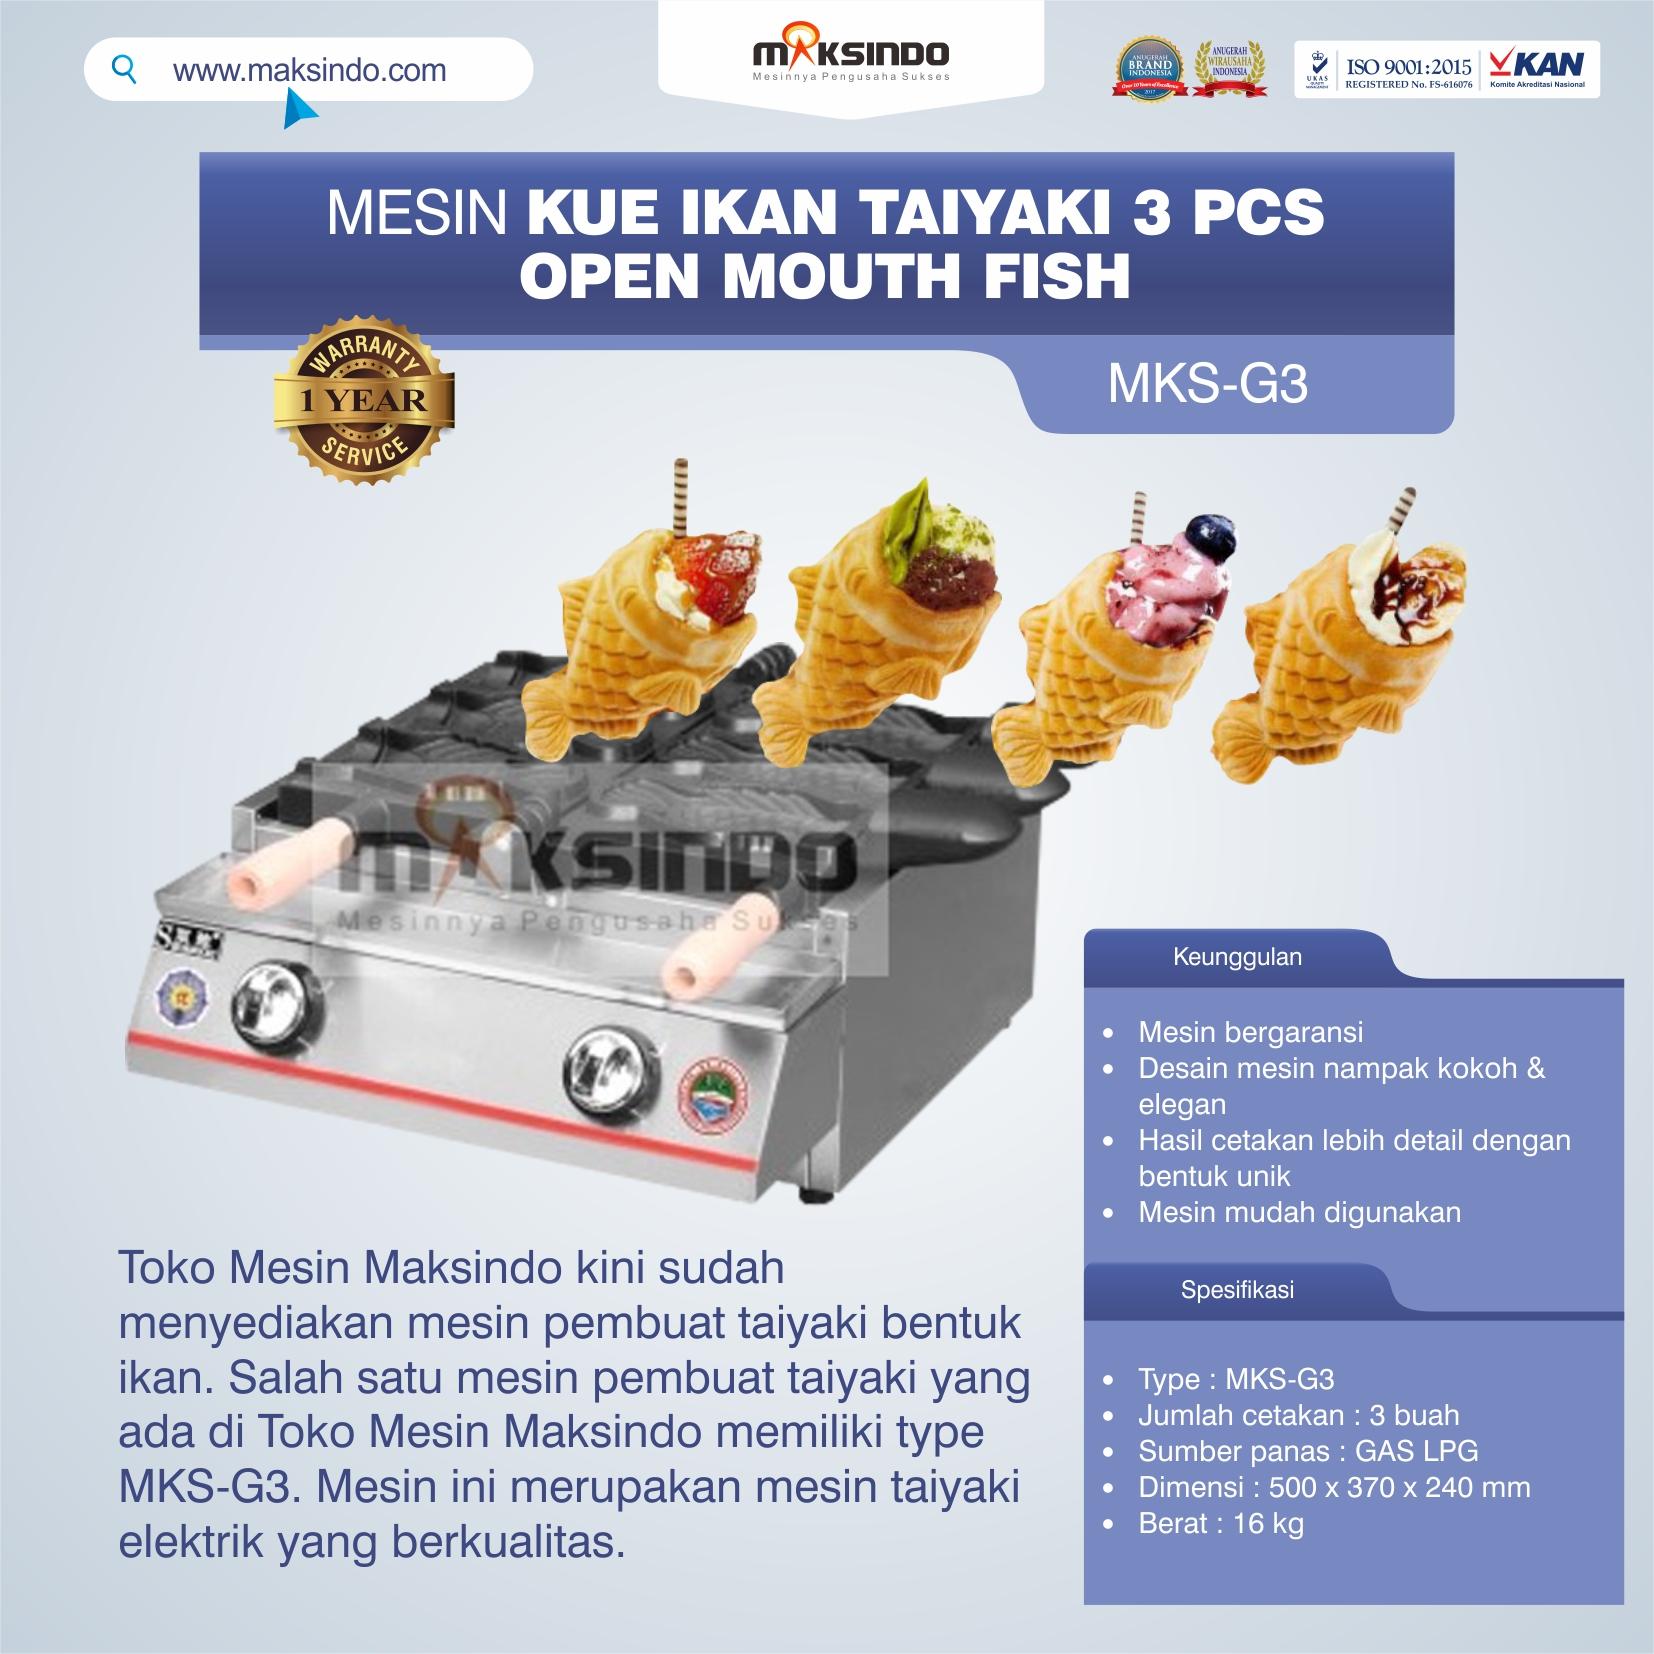 Jual Mesin Kue Ikan Taiyaki (3 pcs) – Open Mouth Fish di Semarang